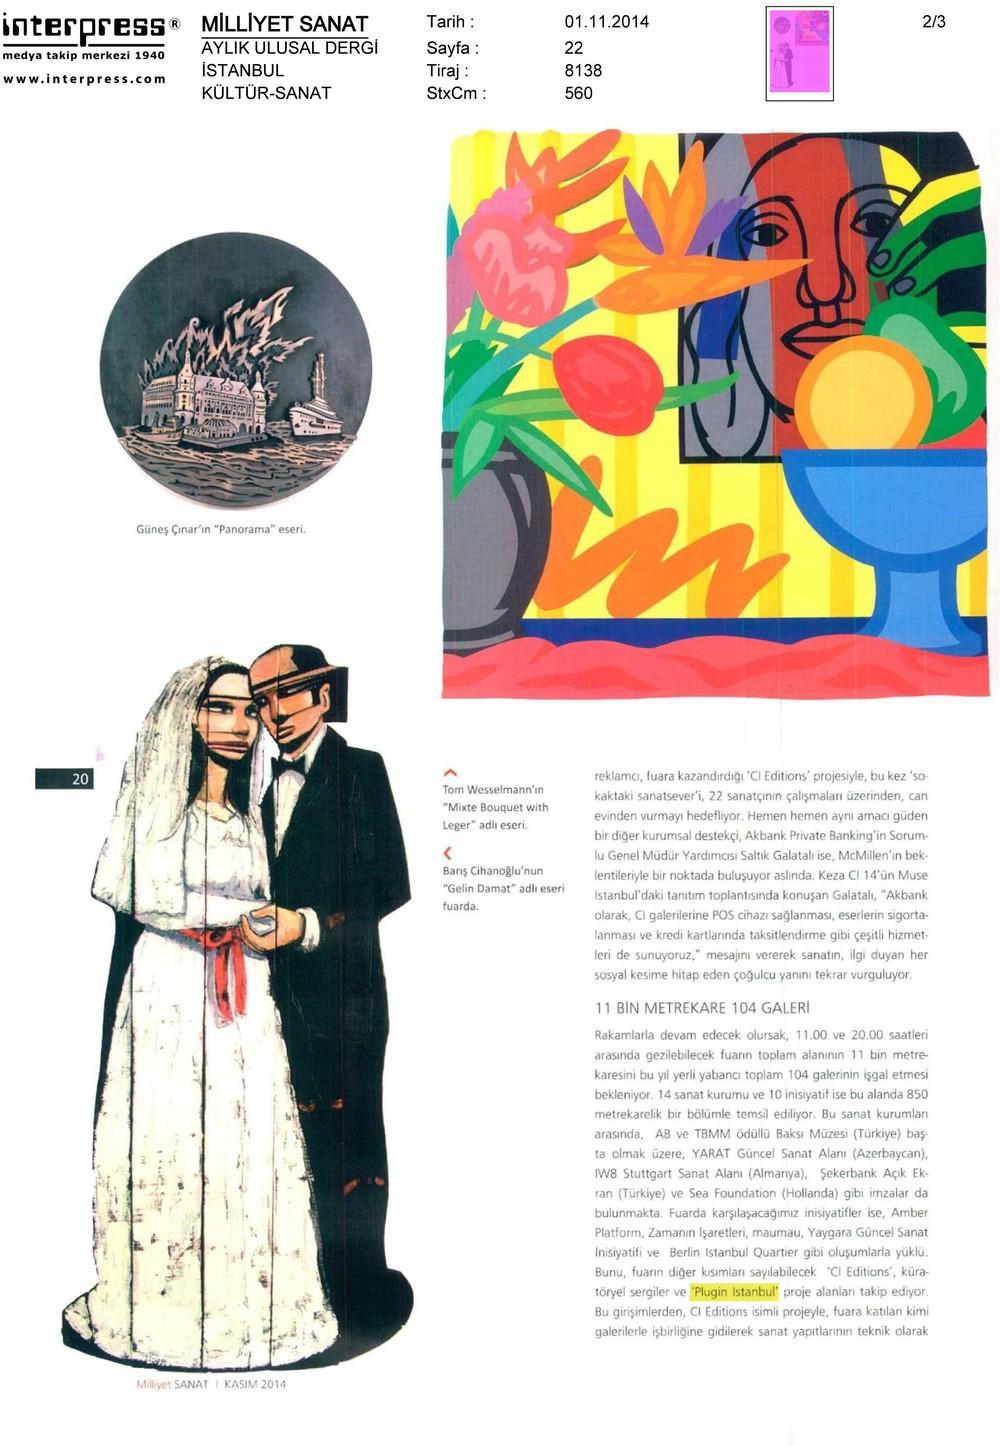 Milliyet Sanat - Aylık Ulusal Dergi - 01-11-2.jpg